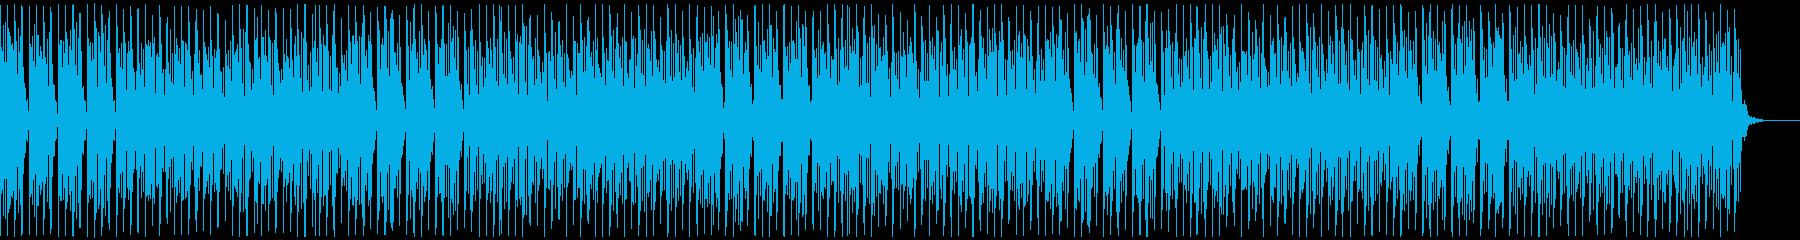 [ニュース・報道]無機質:フラット:07の再生済みの波形